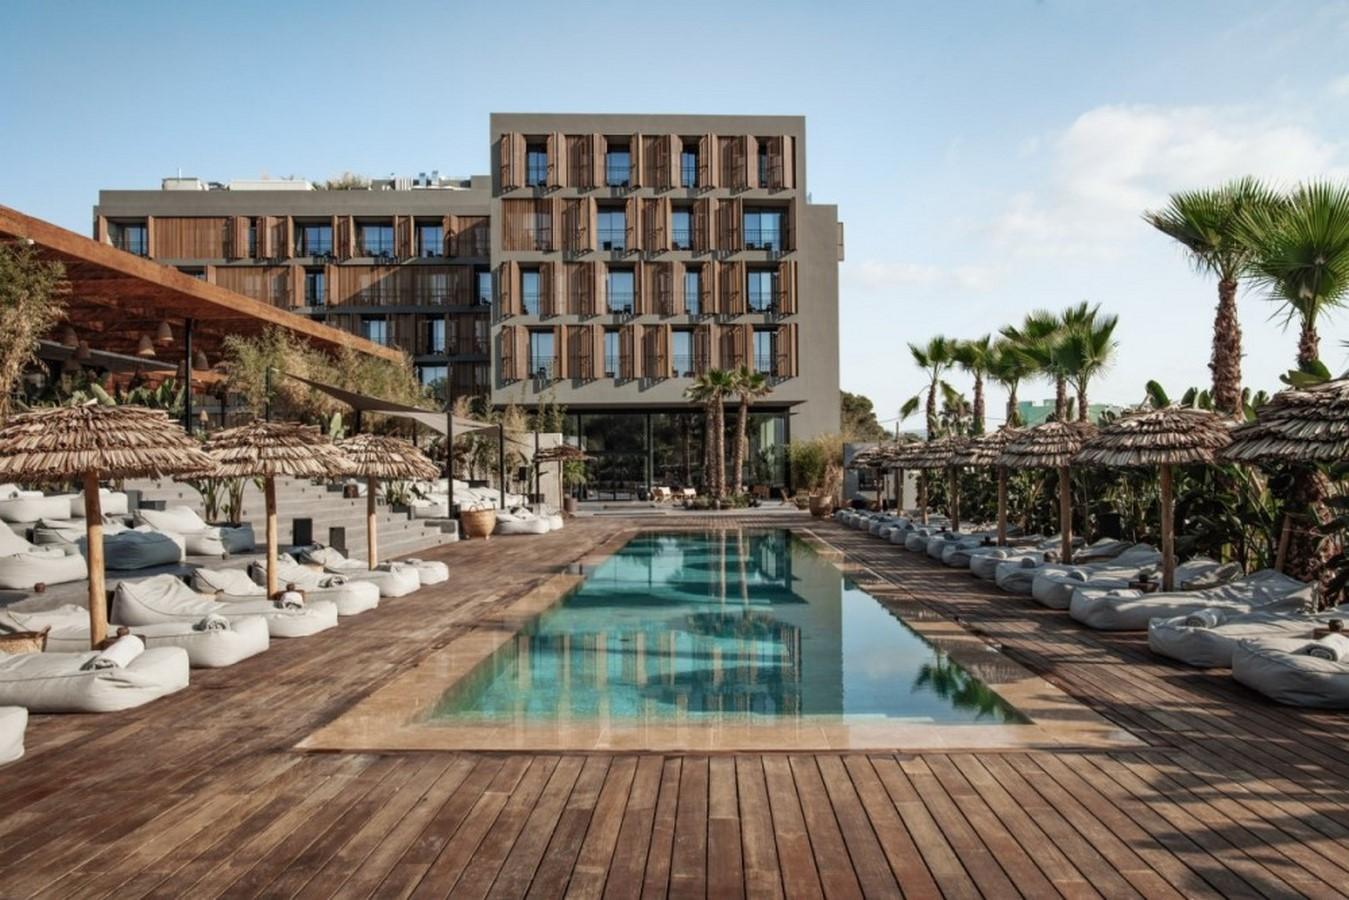 OKU, Ibiza - Sheet1